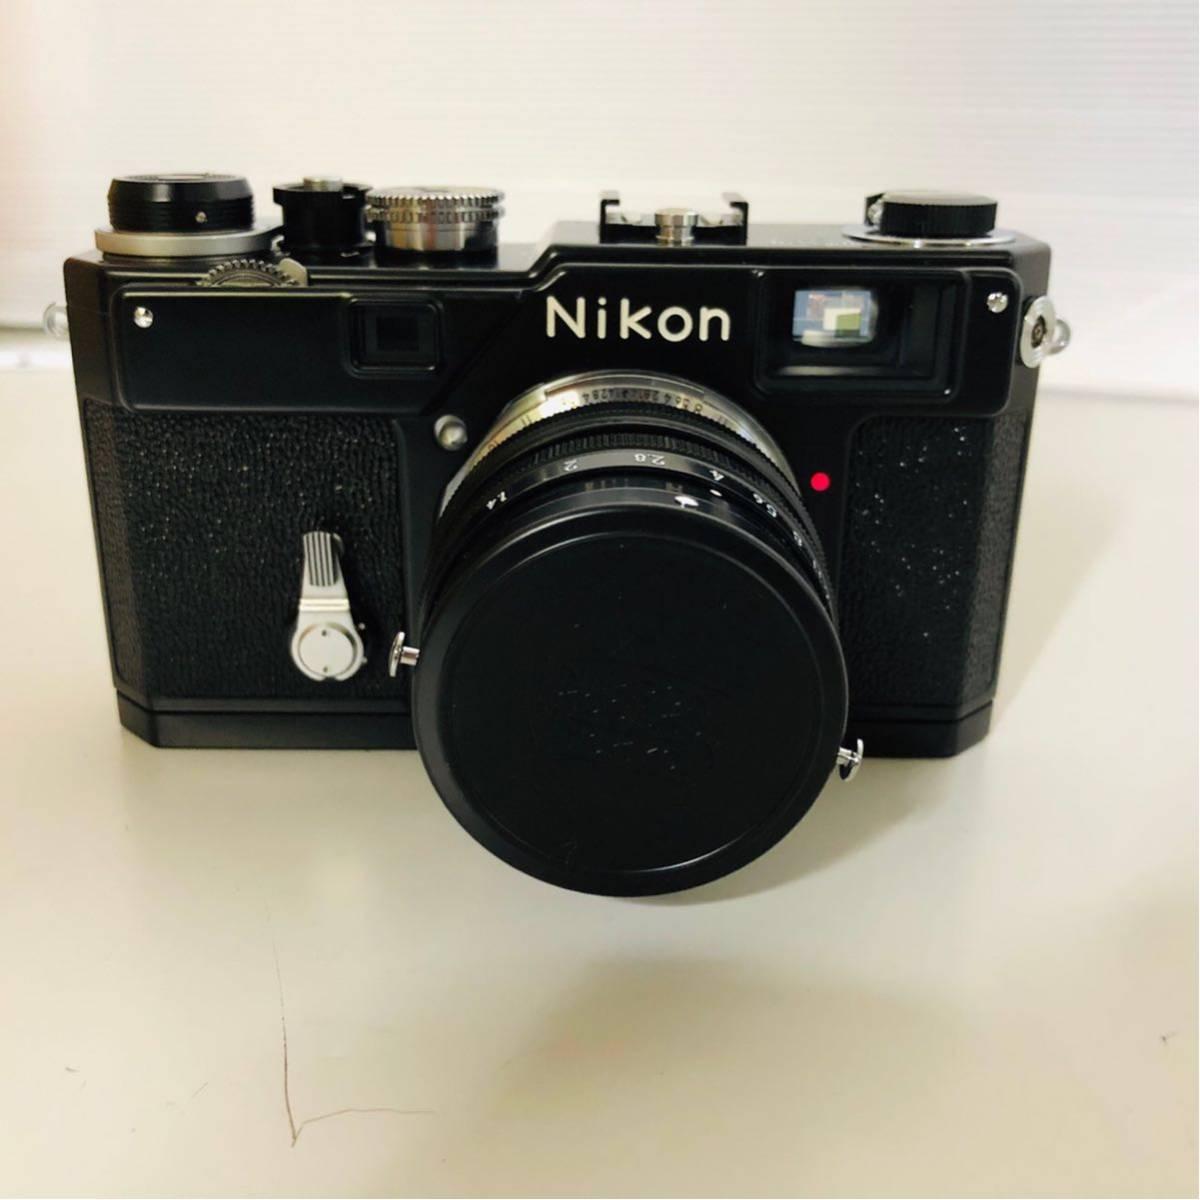 【未使用・美品】Nikon S3 LIMITED EDITION BLACK 50mm F1.4 302435_画像4